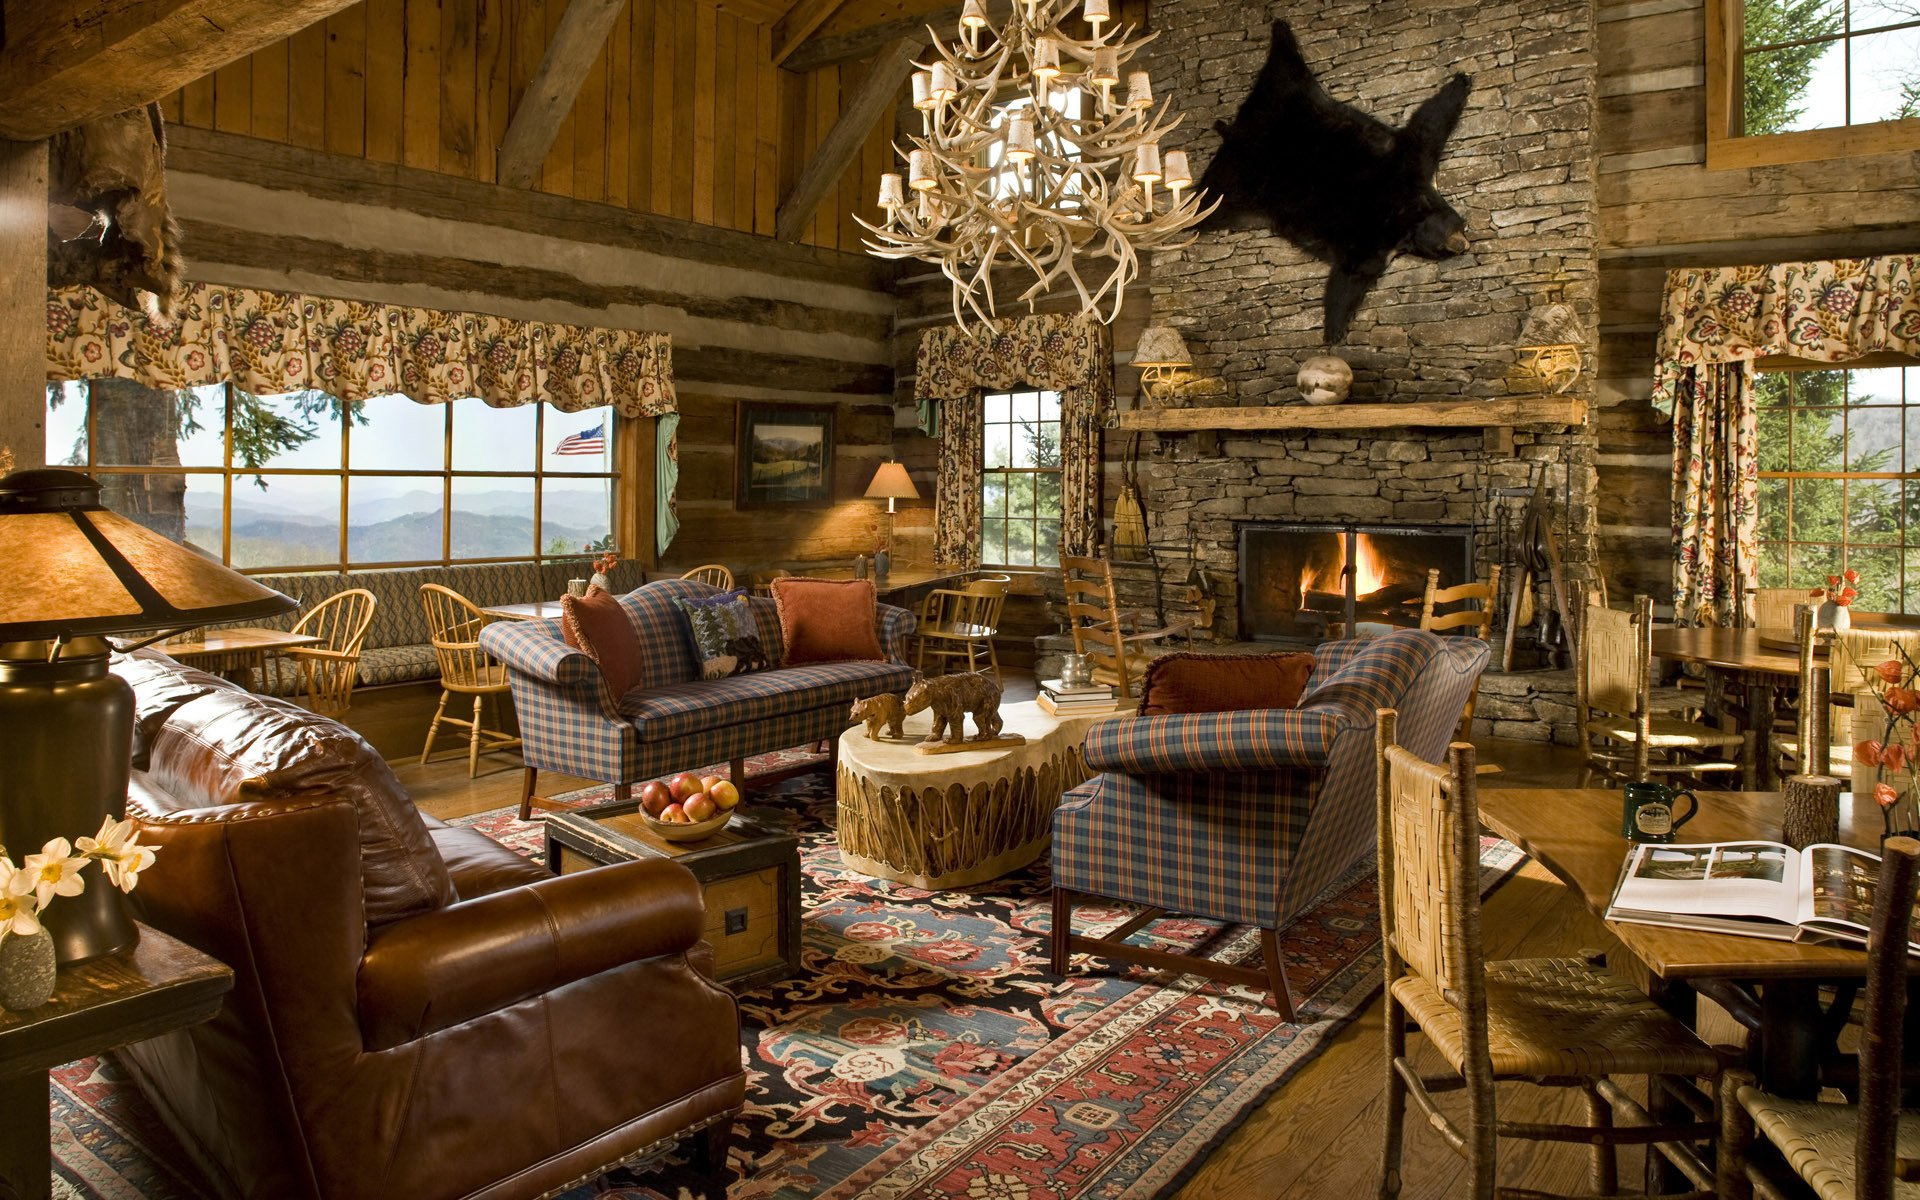 Картинка, картинки уютного дома изнутри